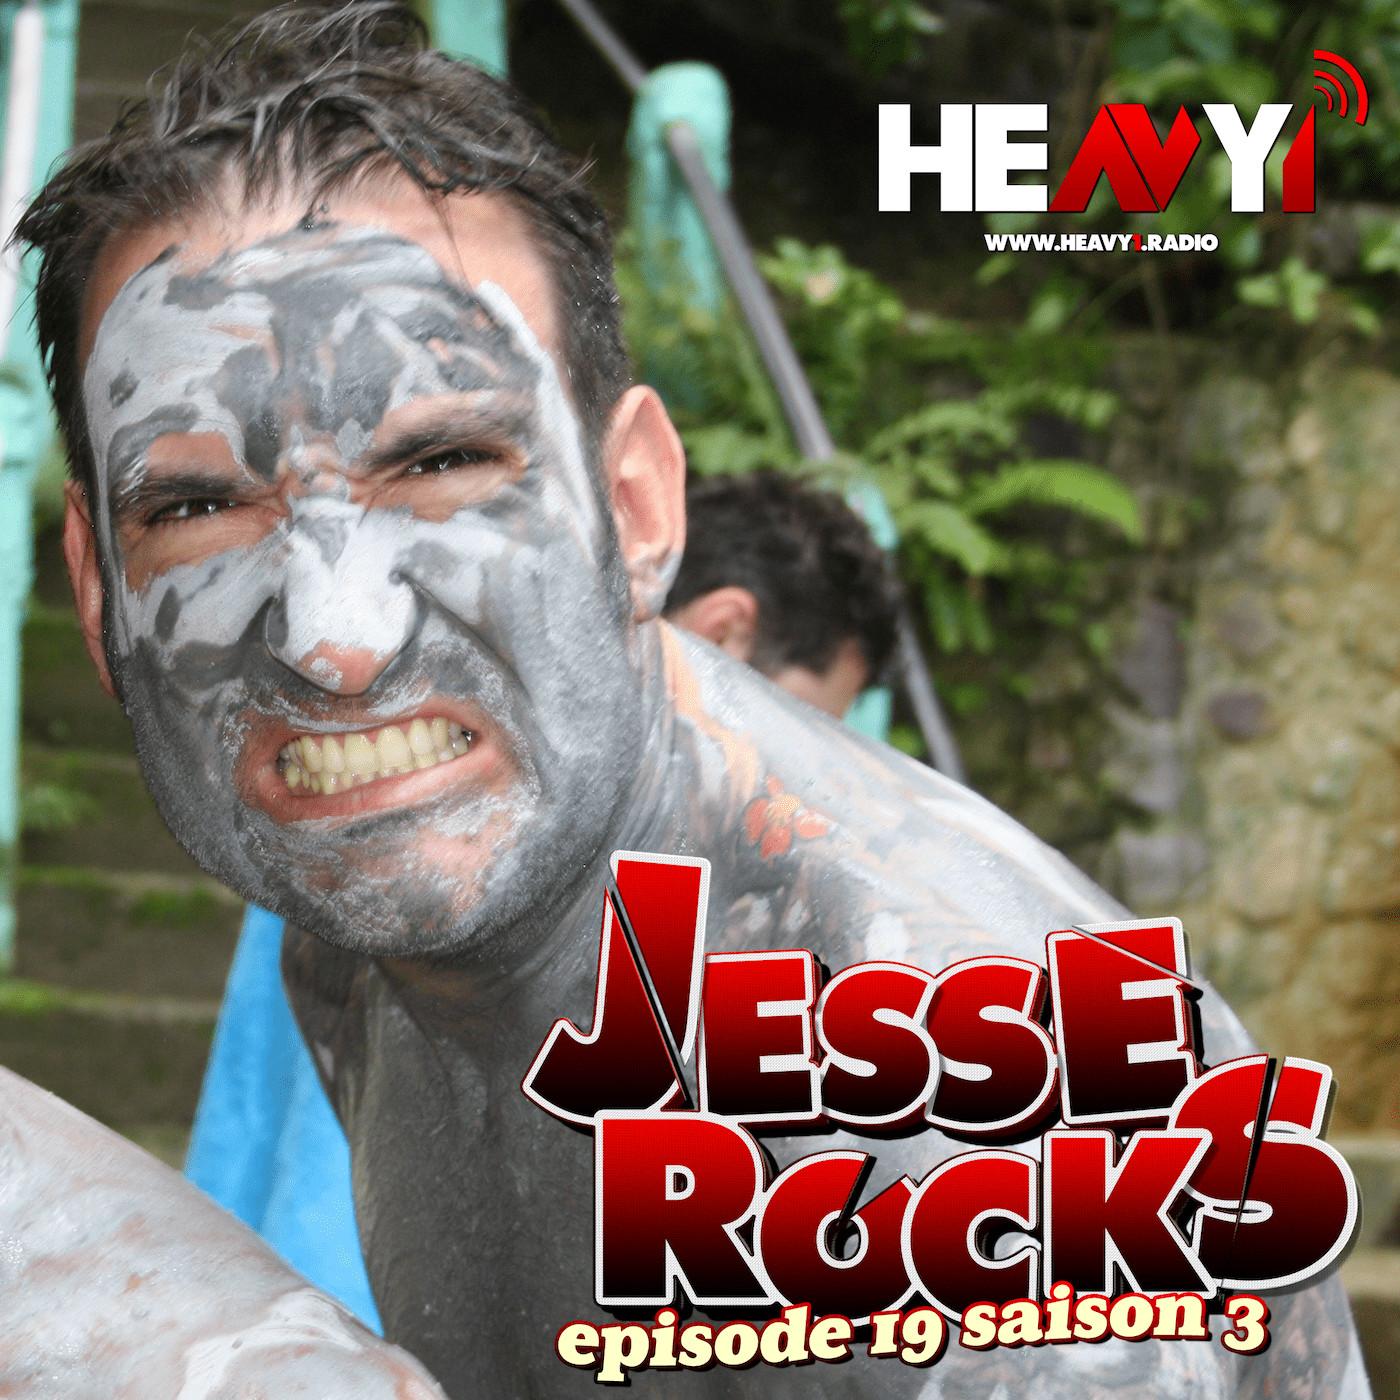 Jesse Rocks #19 Saison 3